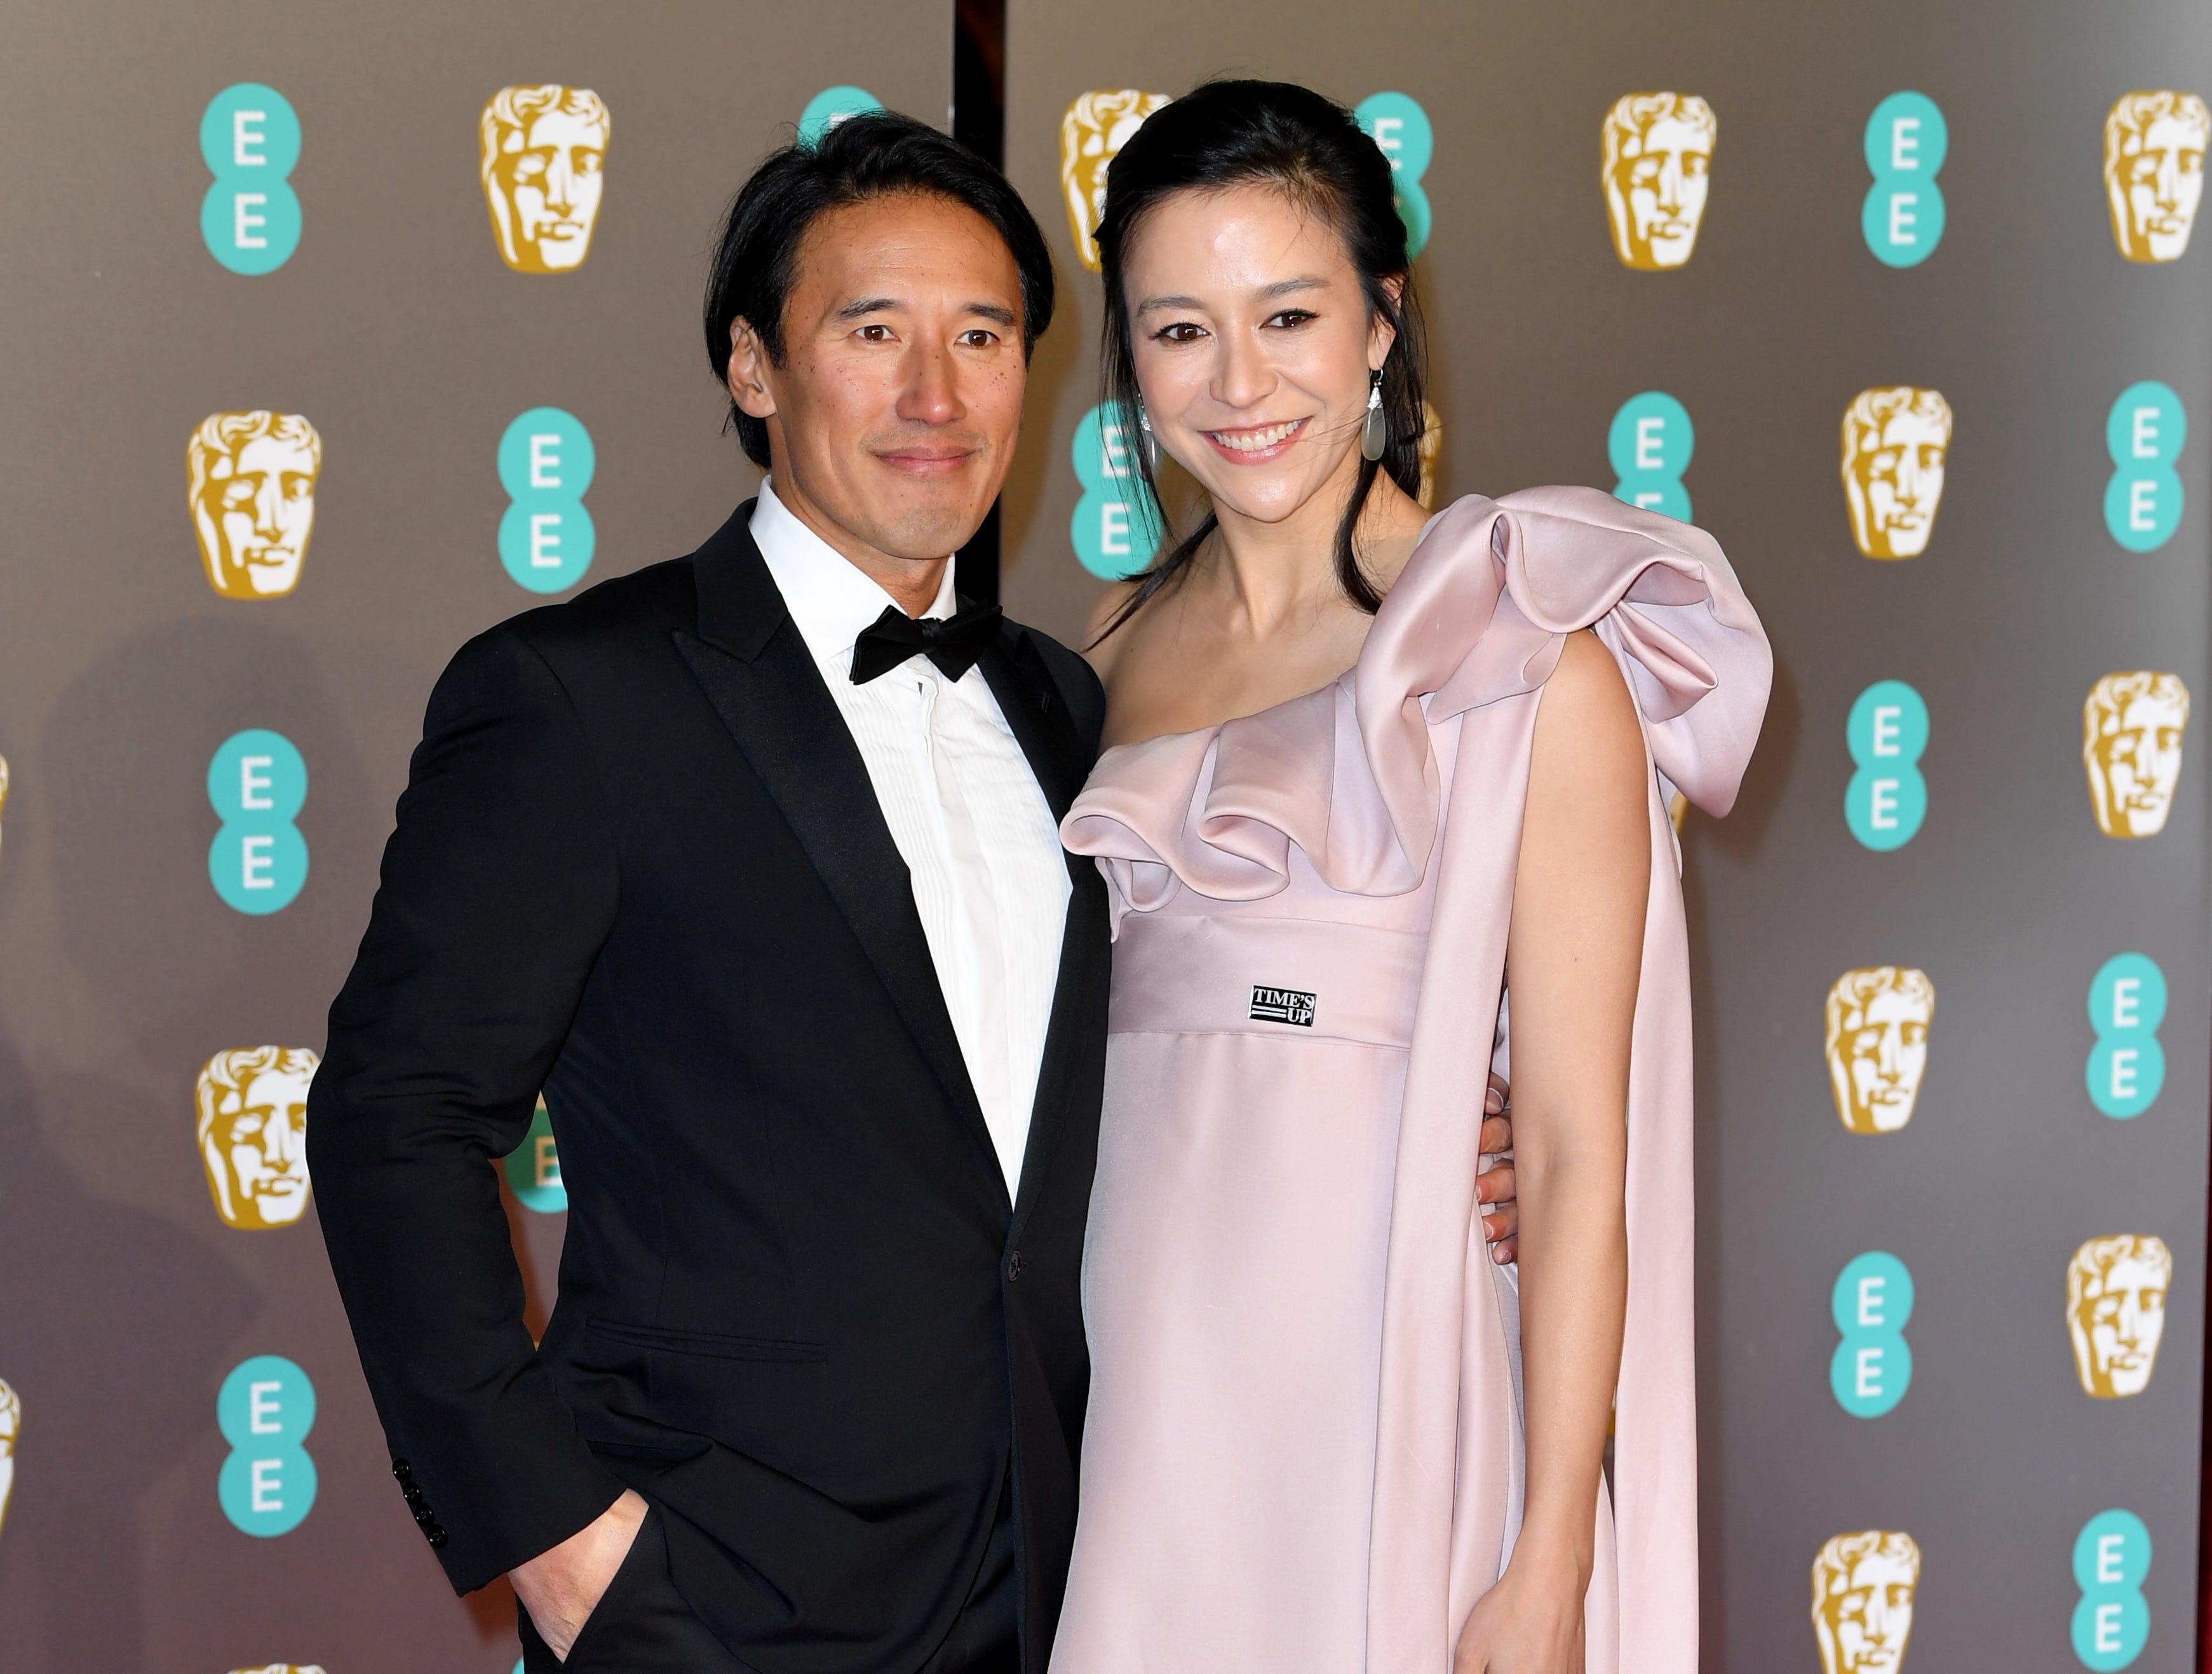 Jimmy Chin (izq) y Elizabeth Chai Vasarhelyi a su llegada a la alfombra roja de los Premios de la Academia Británica de Cine BAFTA en el Royal Albert Hall en Londres el 10 de febrero de 2019.